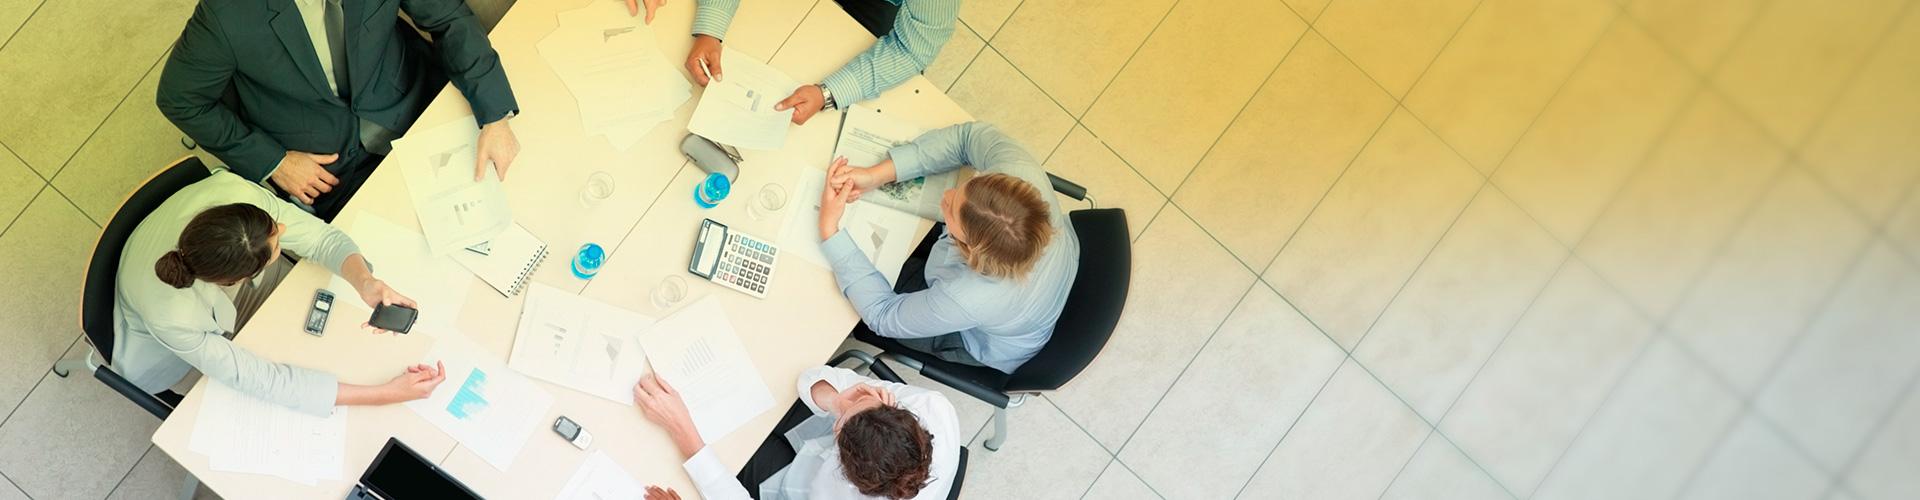 Image Triskell PPM-Factory -header-slider-product-demand management